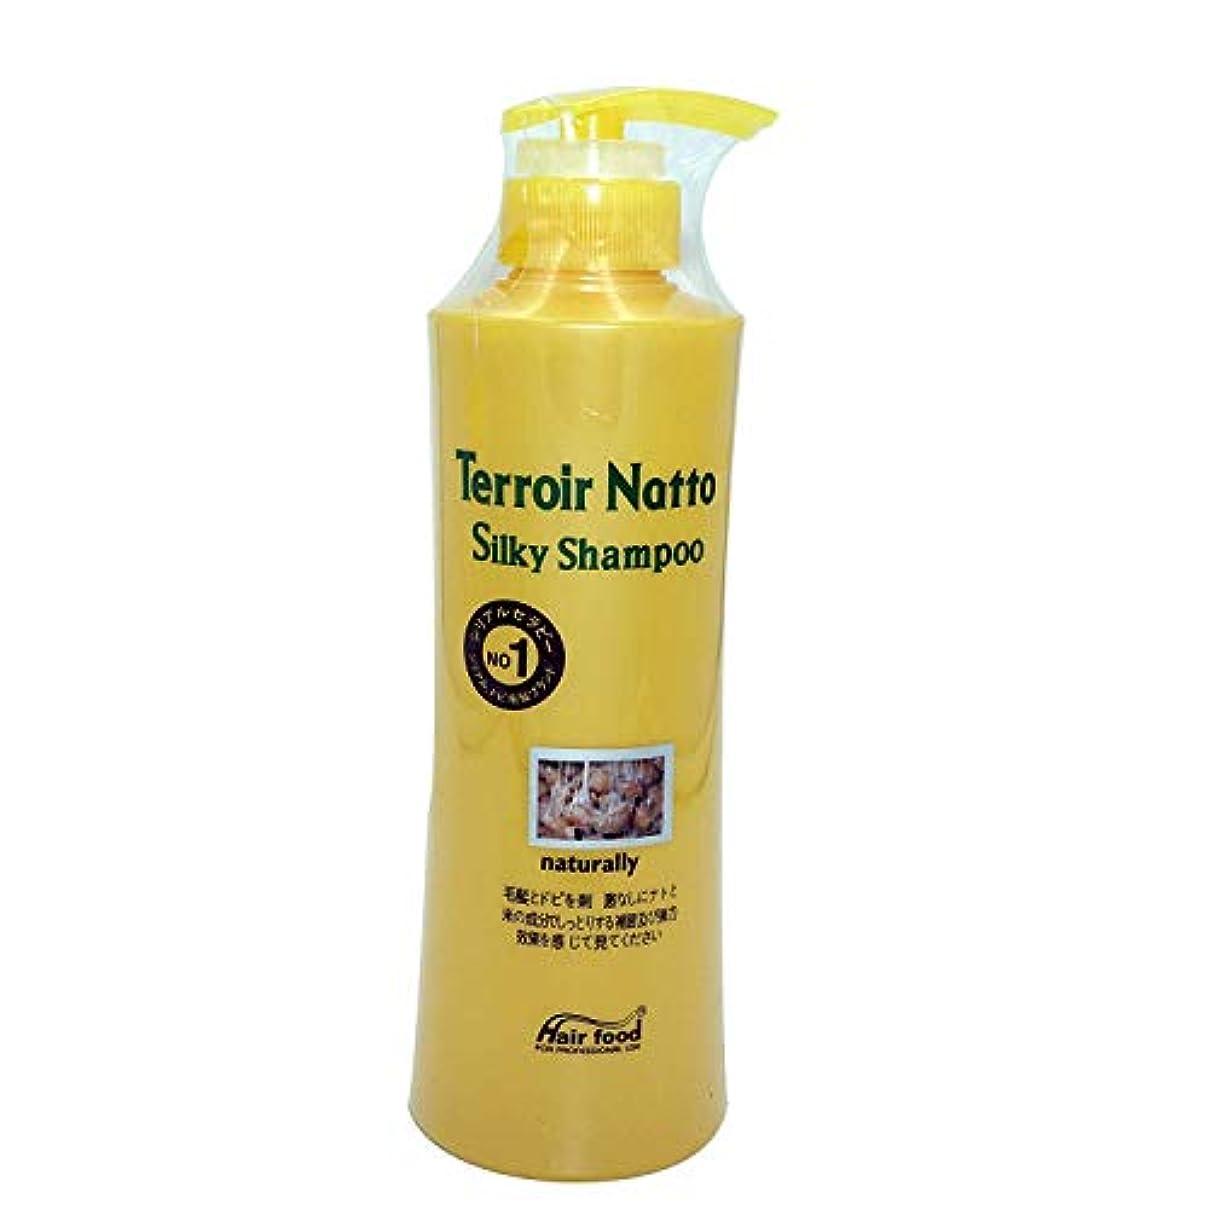 へこみアンプに対応するHair food テロワール納豆シルキーシャンプー500ml、乾燥薄毛とセンシティブな頭皮用 - ビタミンタンパクによる弾力ヘア (Terroir Natto Silky Shampoo 500ml for Dry Thin Hair and Sensitive Scalp - Elastic Hair by Vitamin Protein)[並行輸入品]